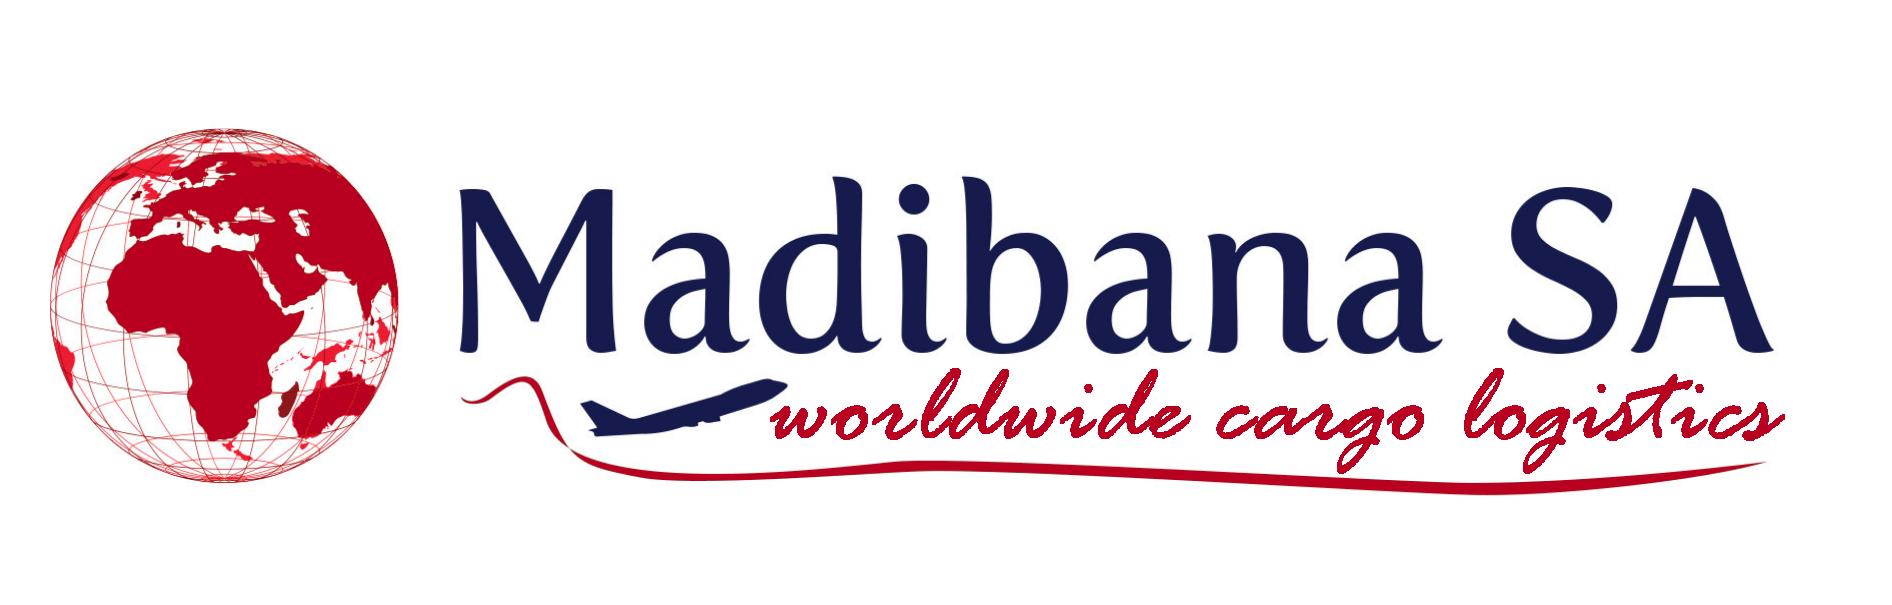 Madibana